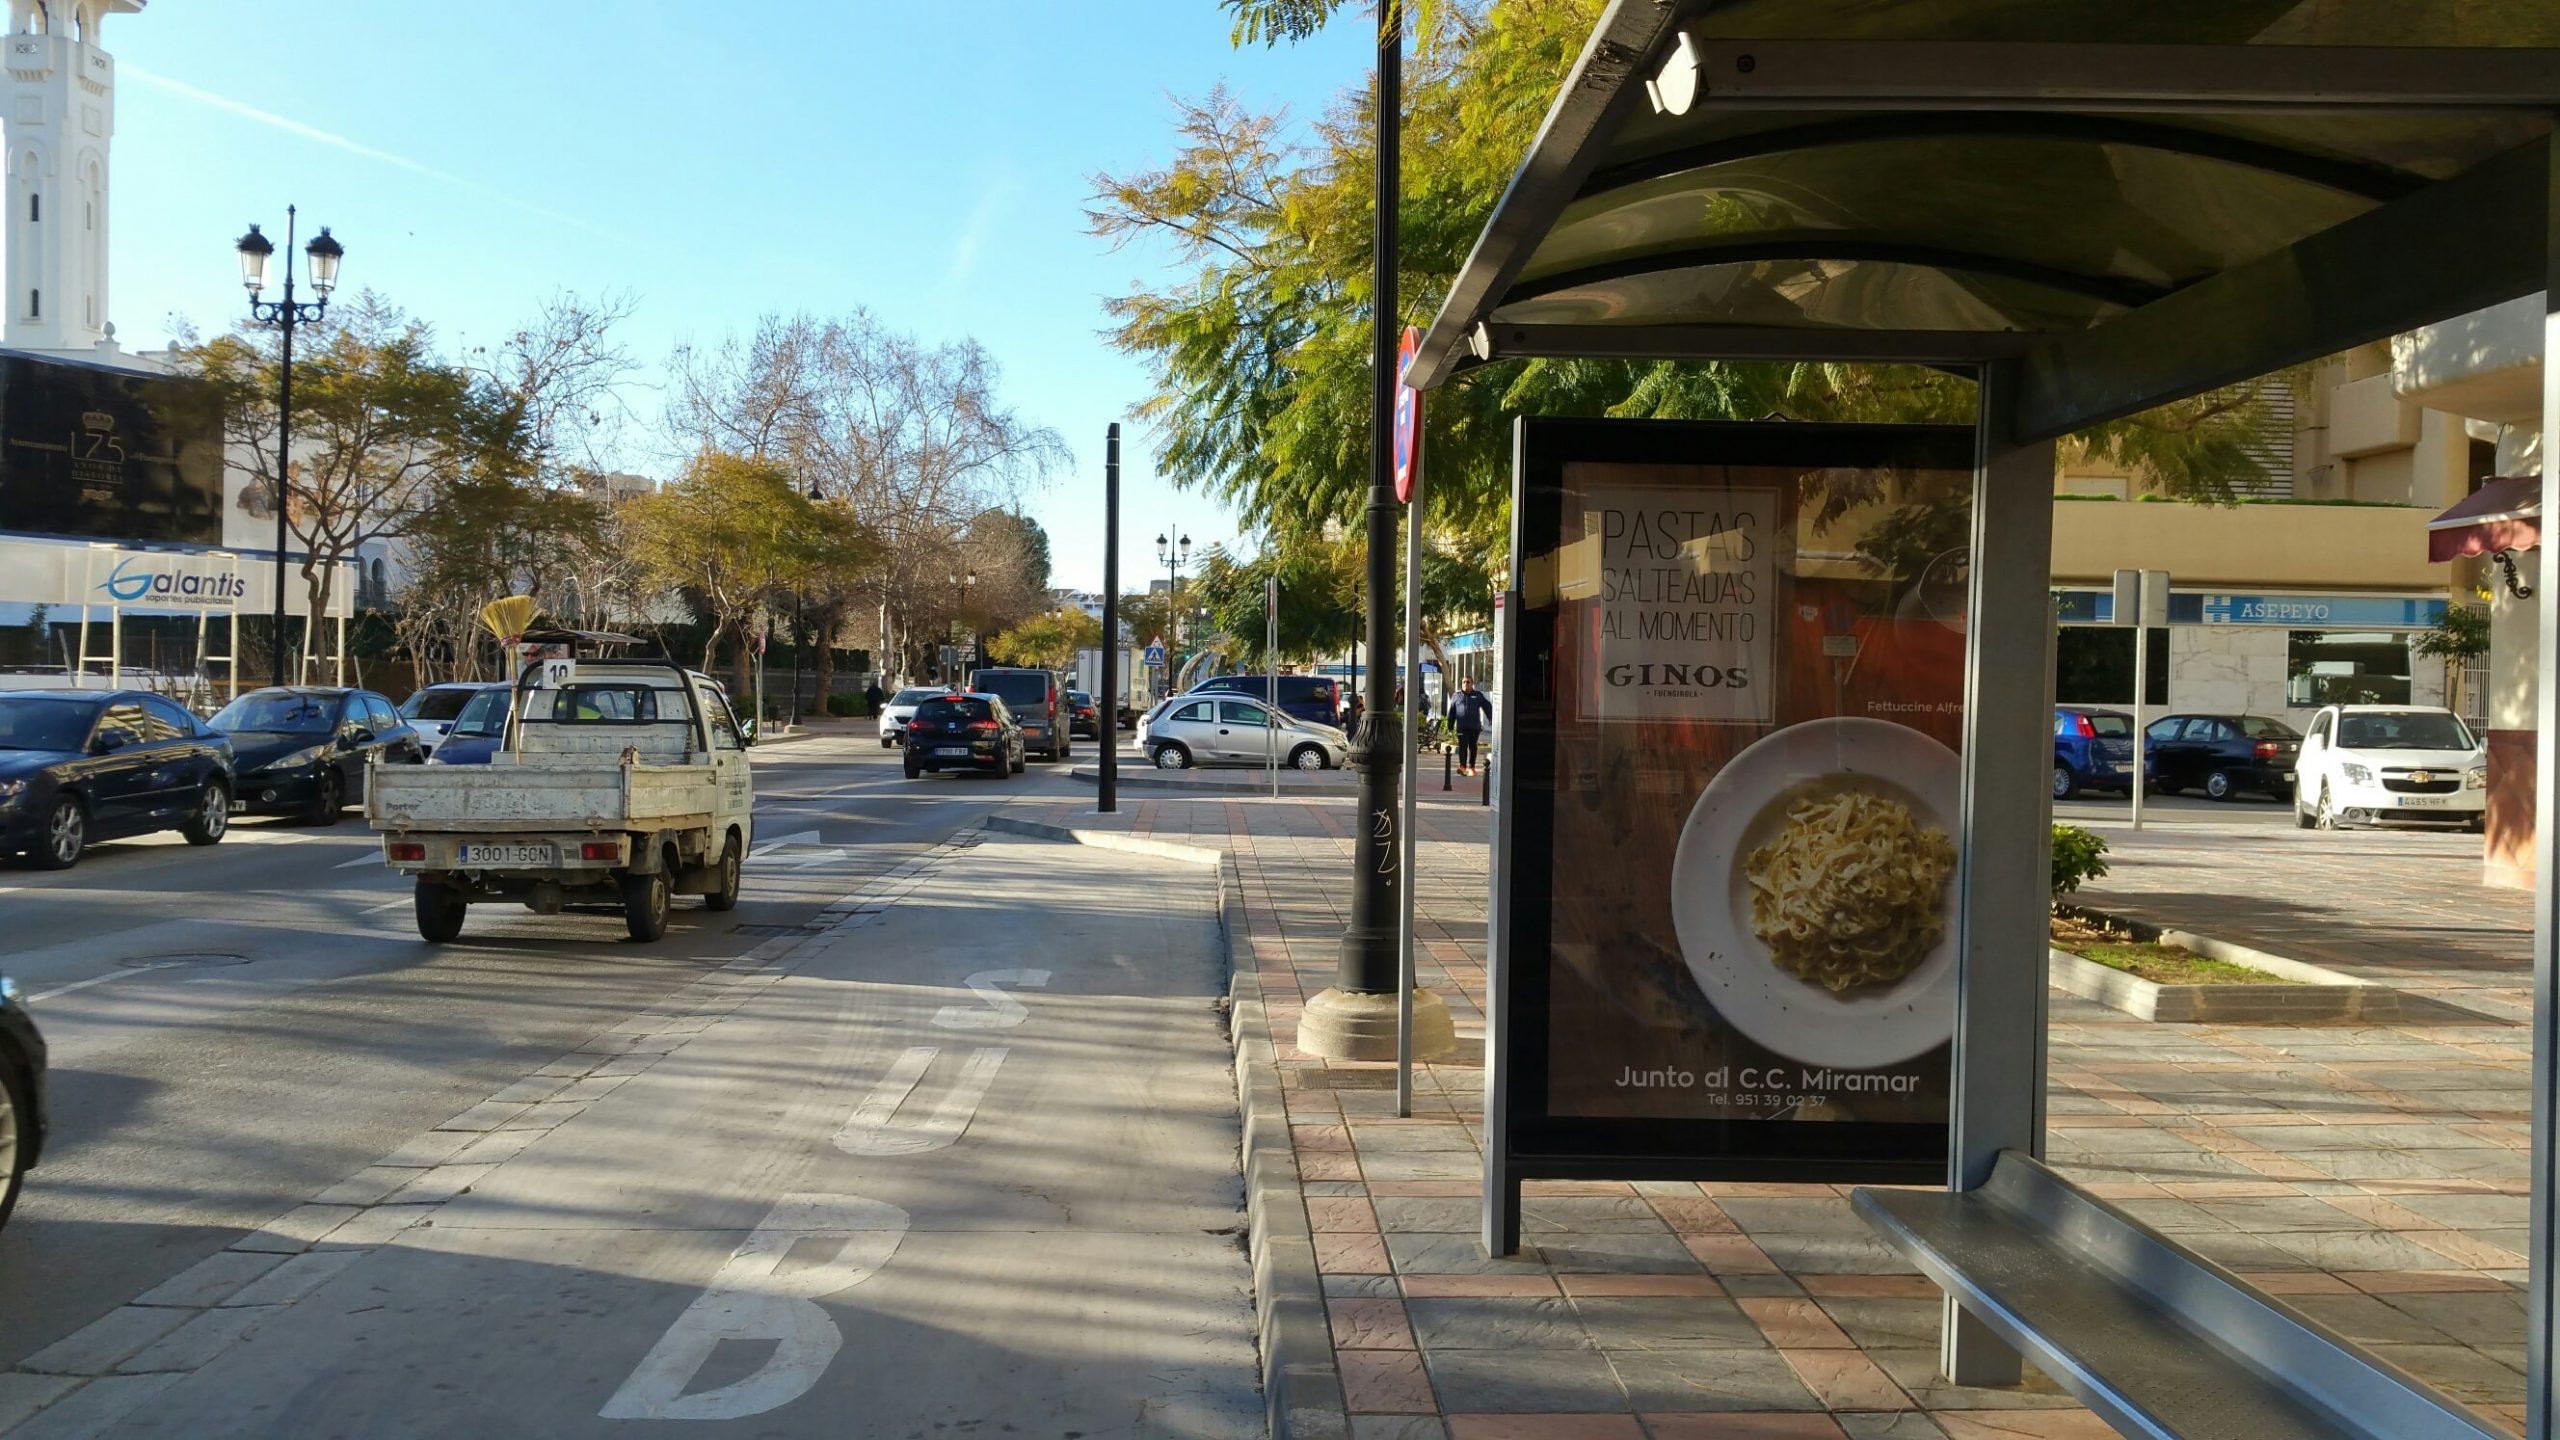 publicidad exterior para Ginos by AN Publicidad